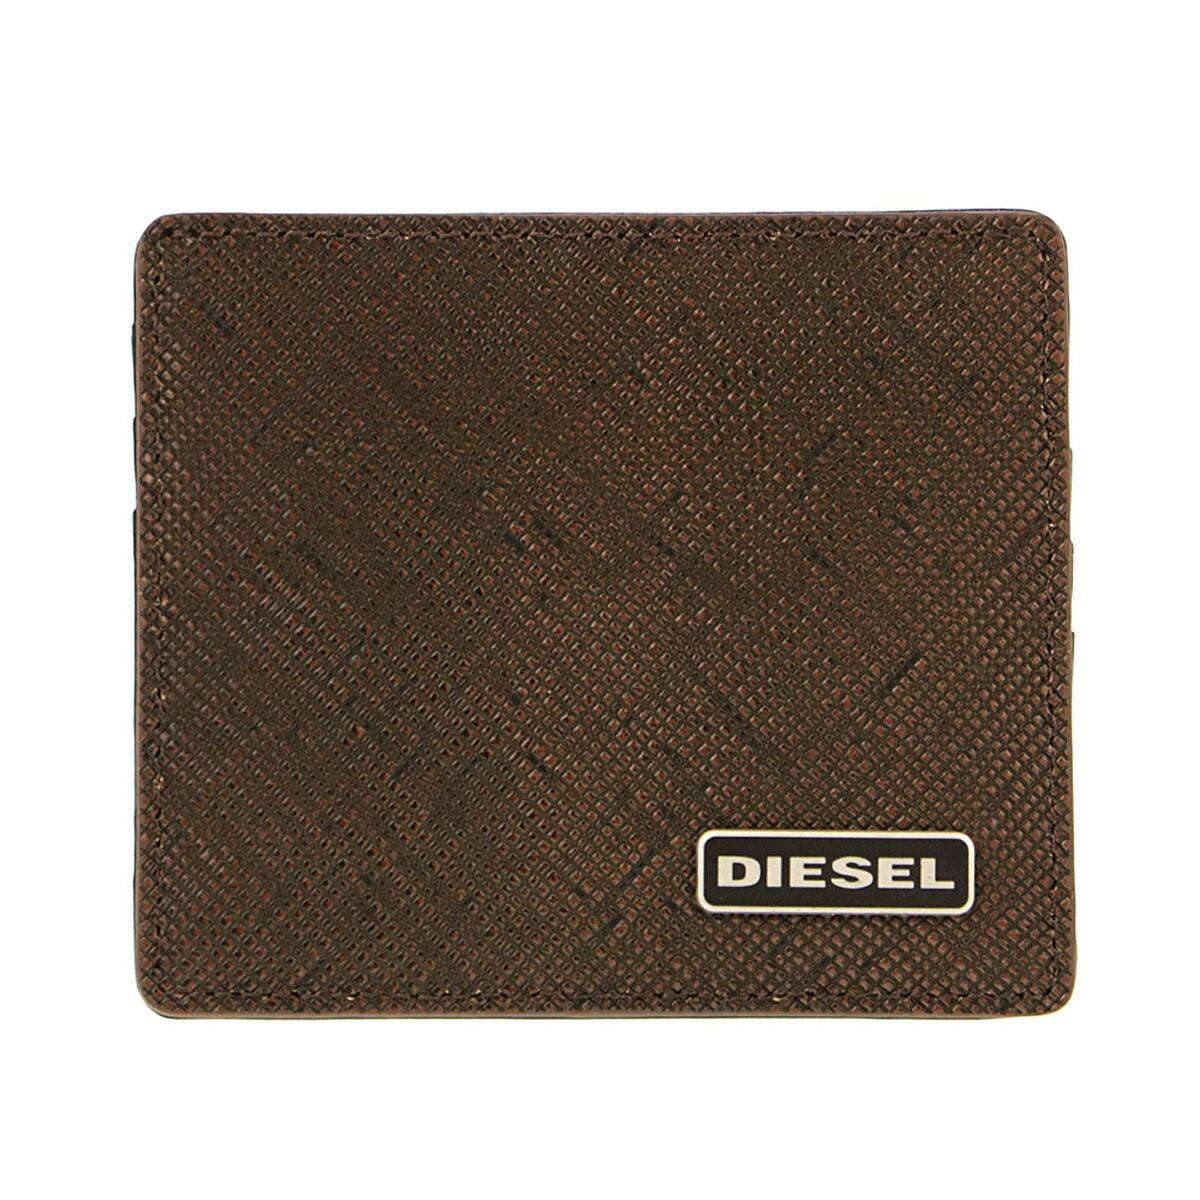 ディーゼル DIESEL カードケース X03345 P0517 H6028 スリム クレジットカードケース 名刺入れ ブラウン系+ブラック